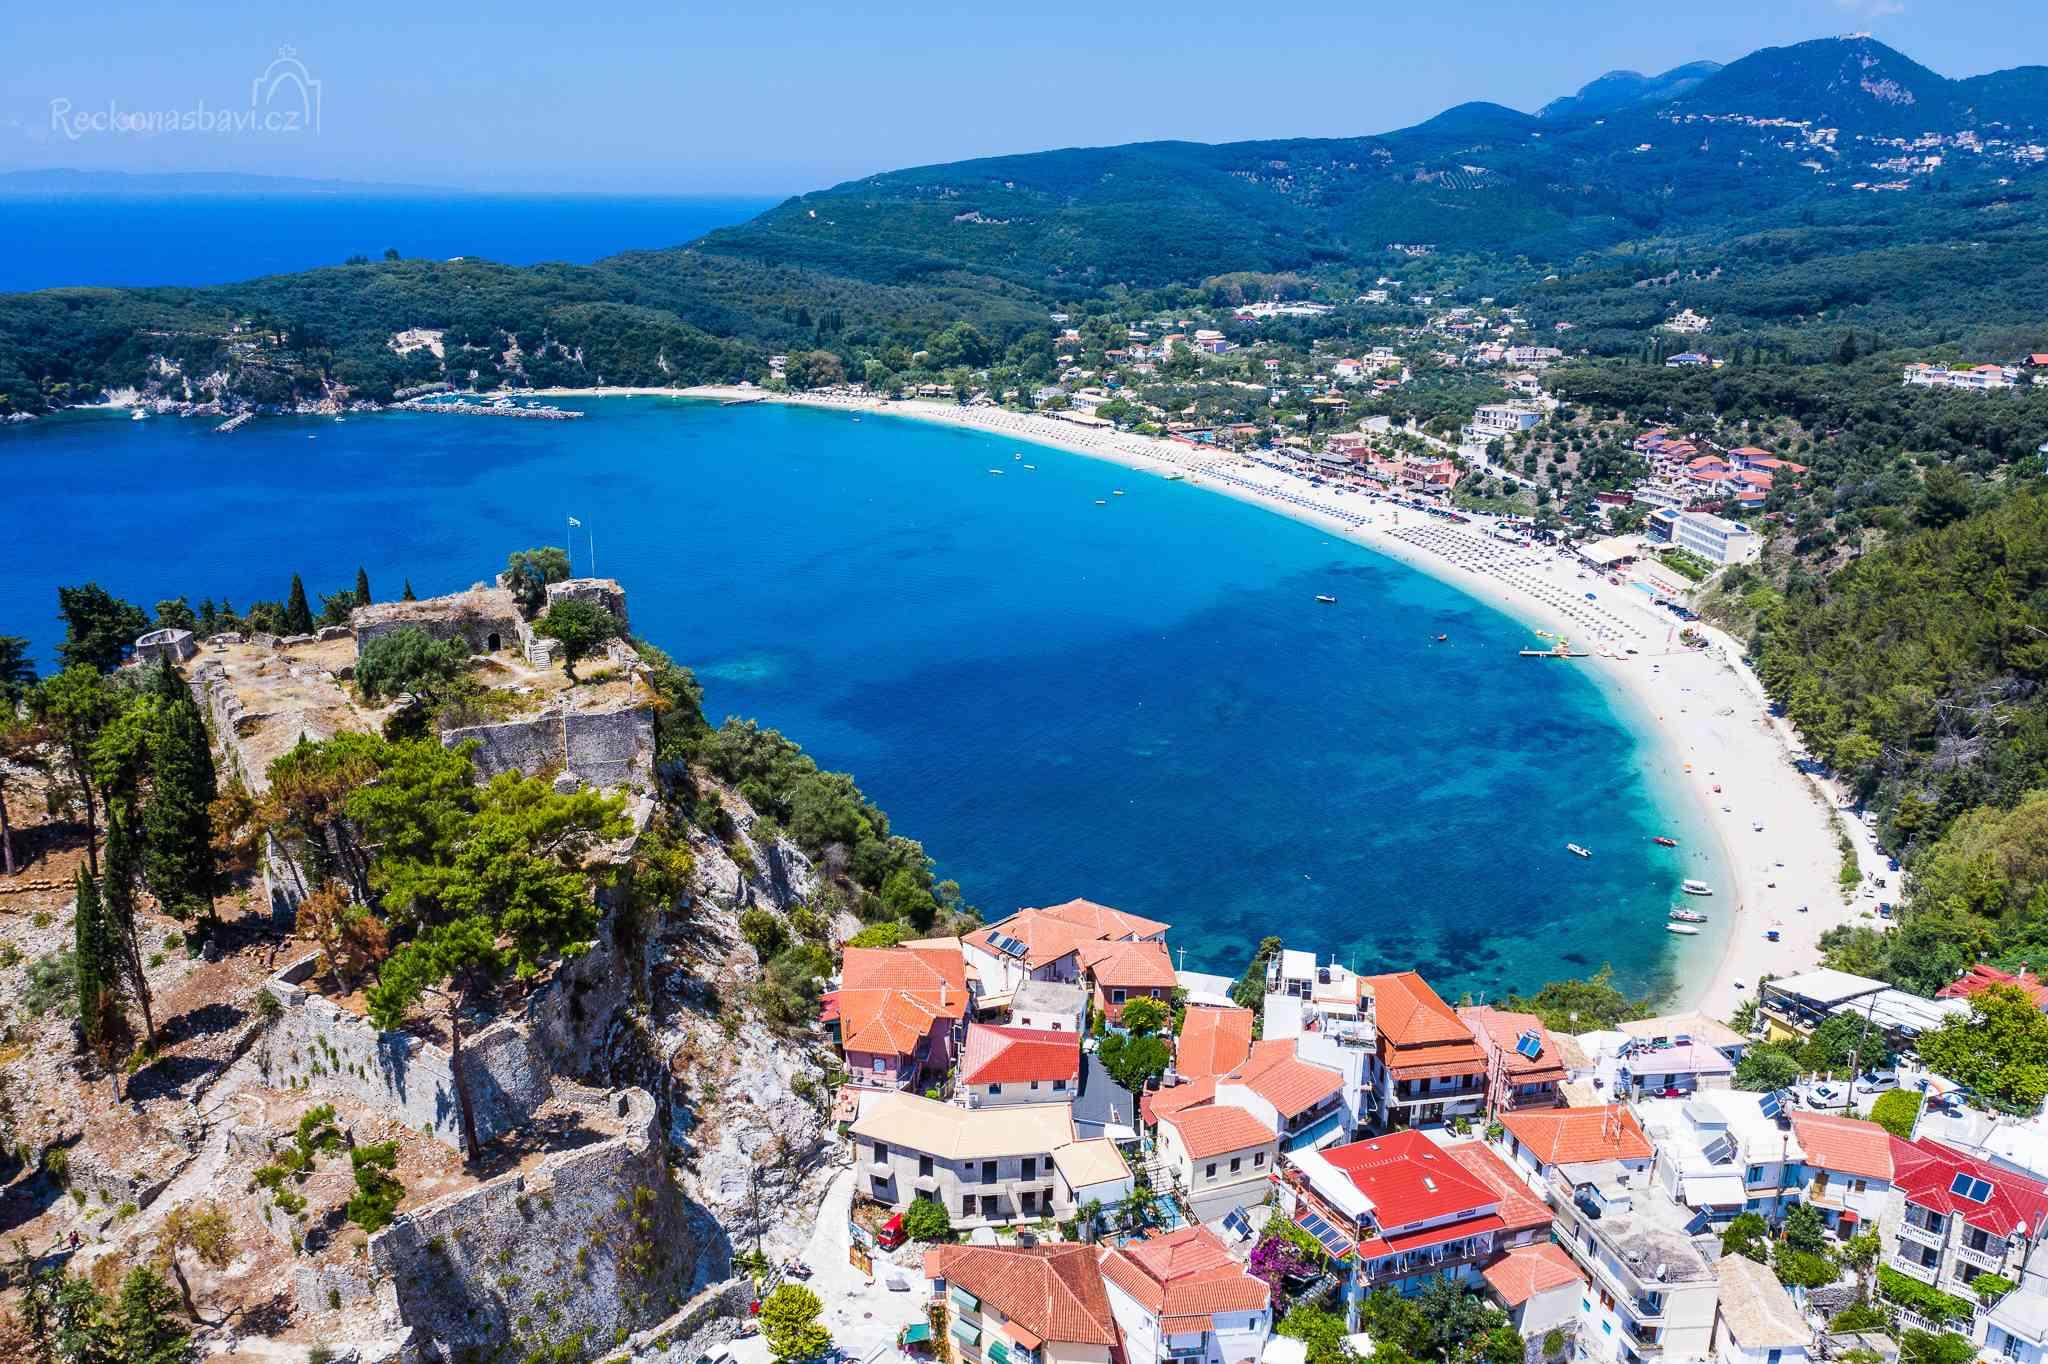 Za hradem se podél dlouhé písečné pláže táhne Valtos plný hotelů pro ty, kteří mají rádi klid a prostor k dýchání.